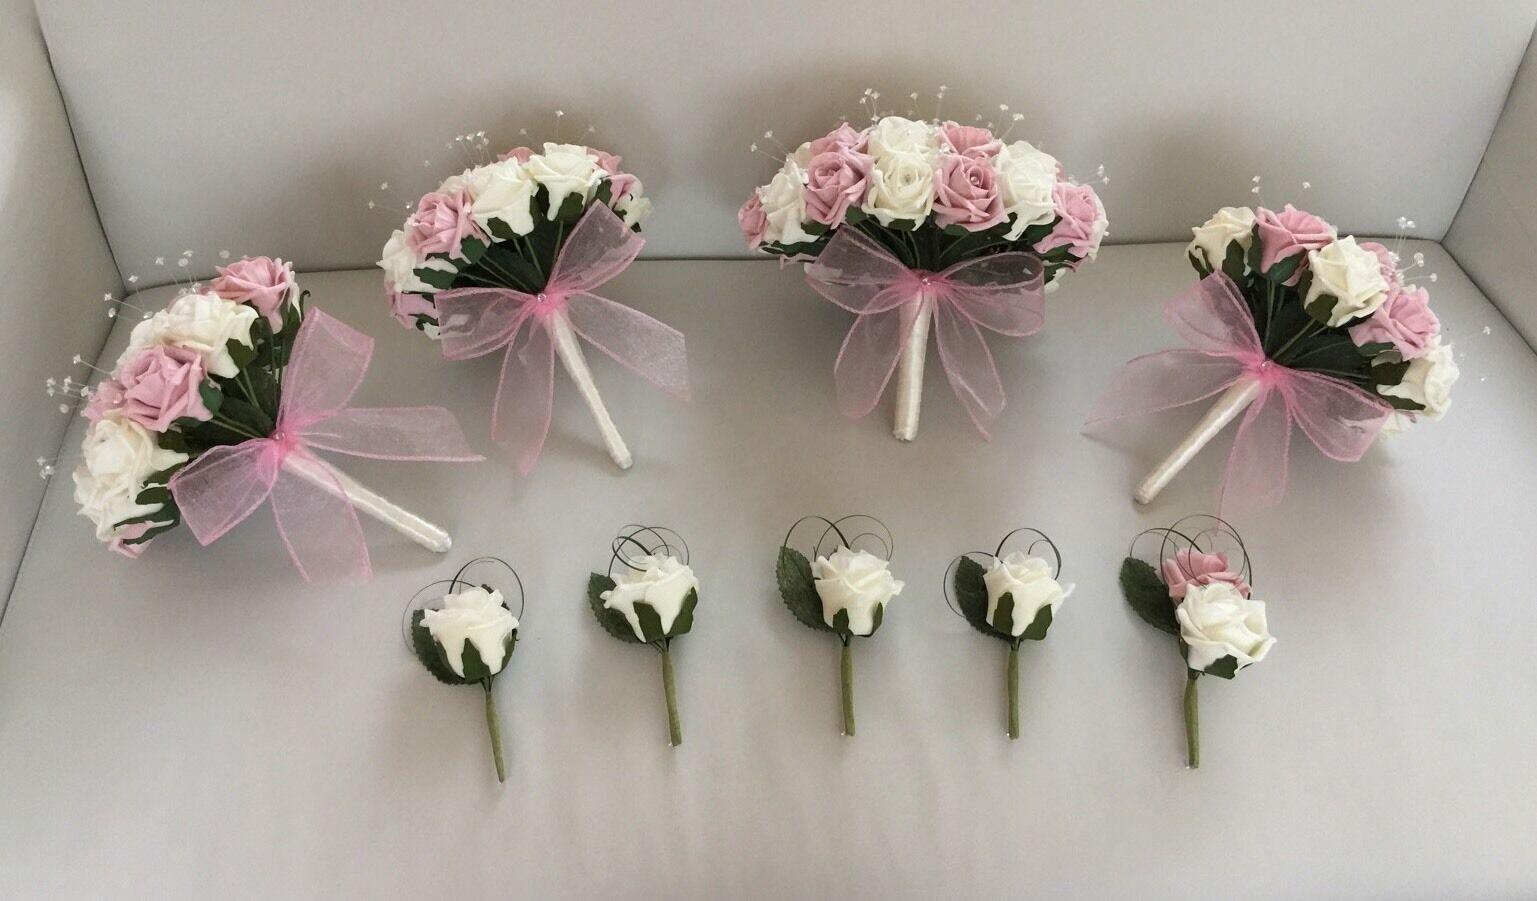 Paquet de Mariage Fleurs Artificielles Bouquet paillettes rose mariée vintage rose ivoire